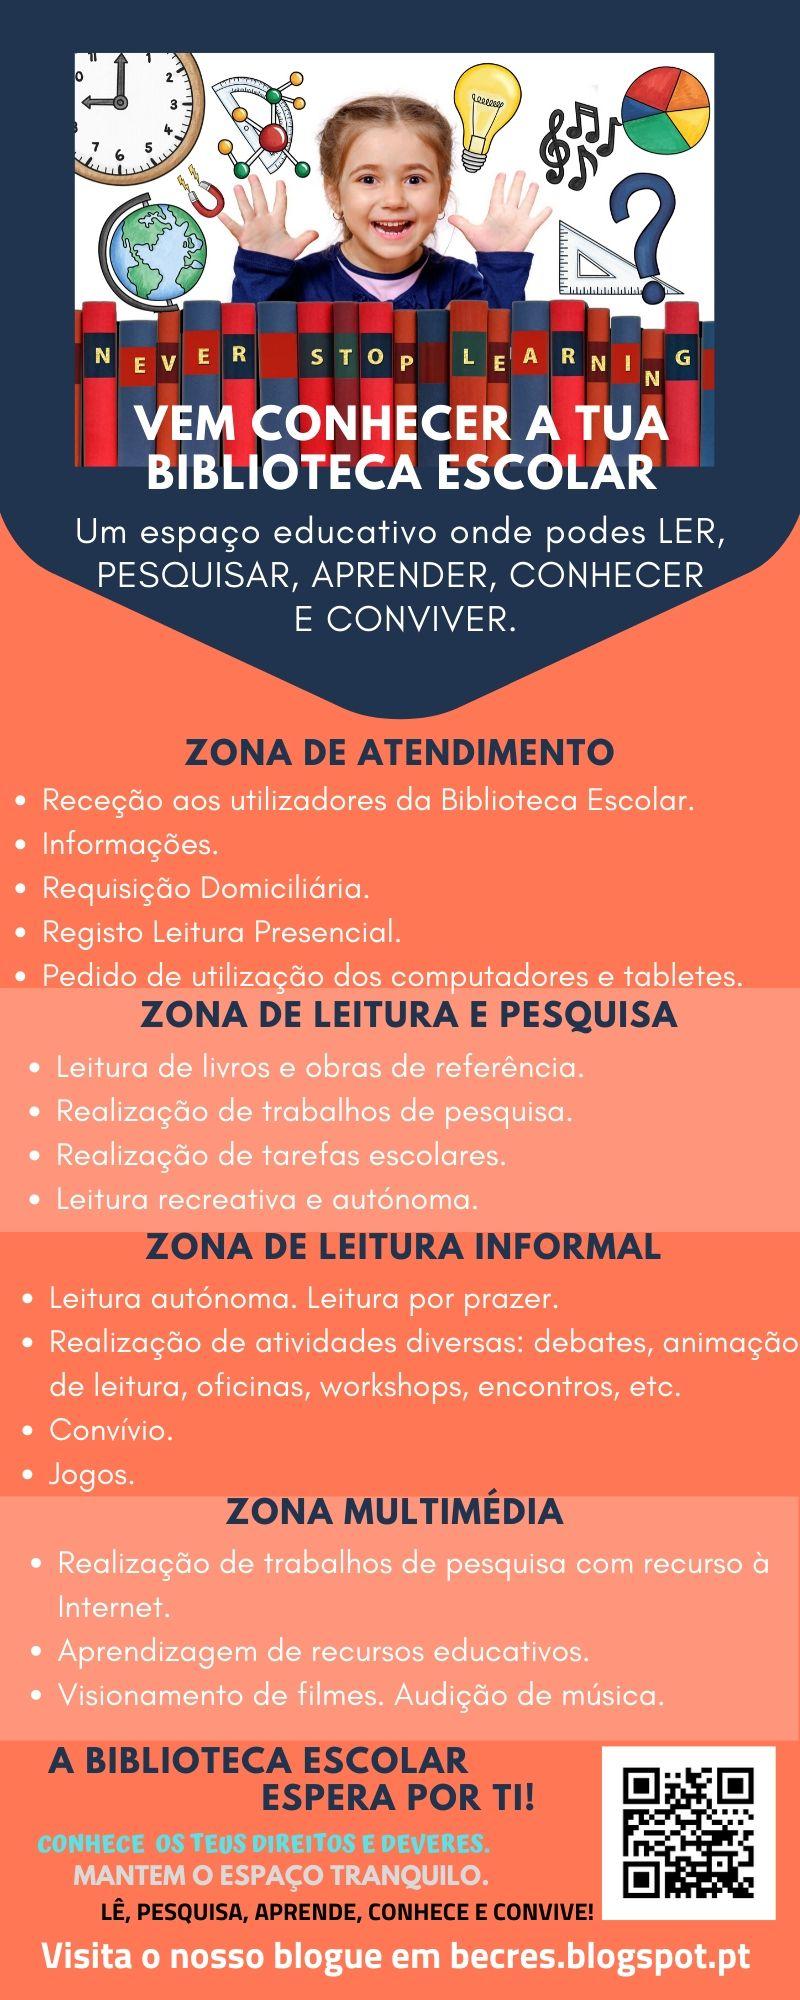 BIBLIOTECA ESCOLAR EB S. PEDRO DA CADEIRA